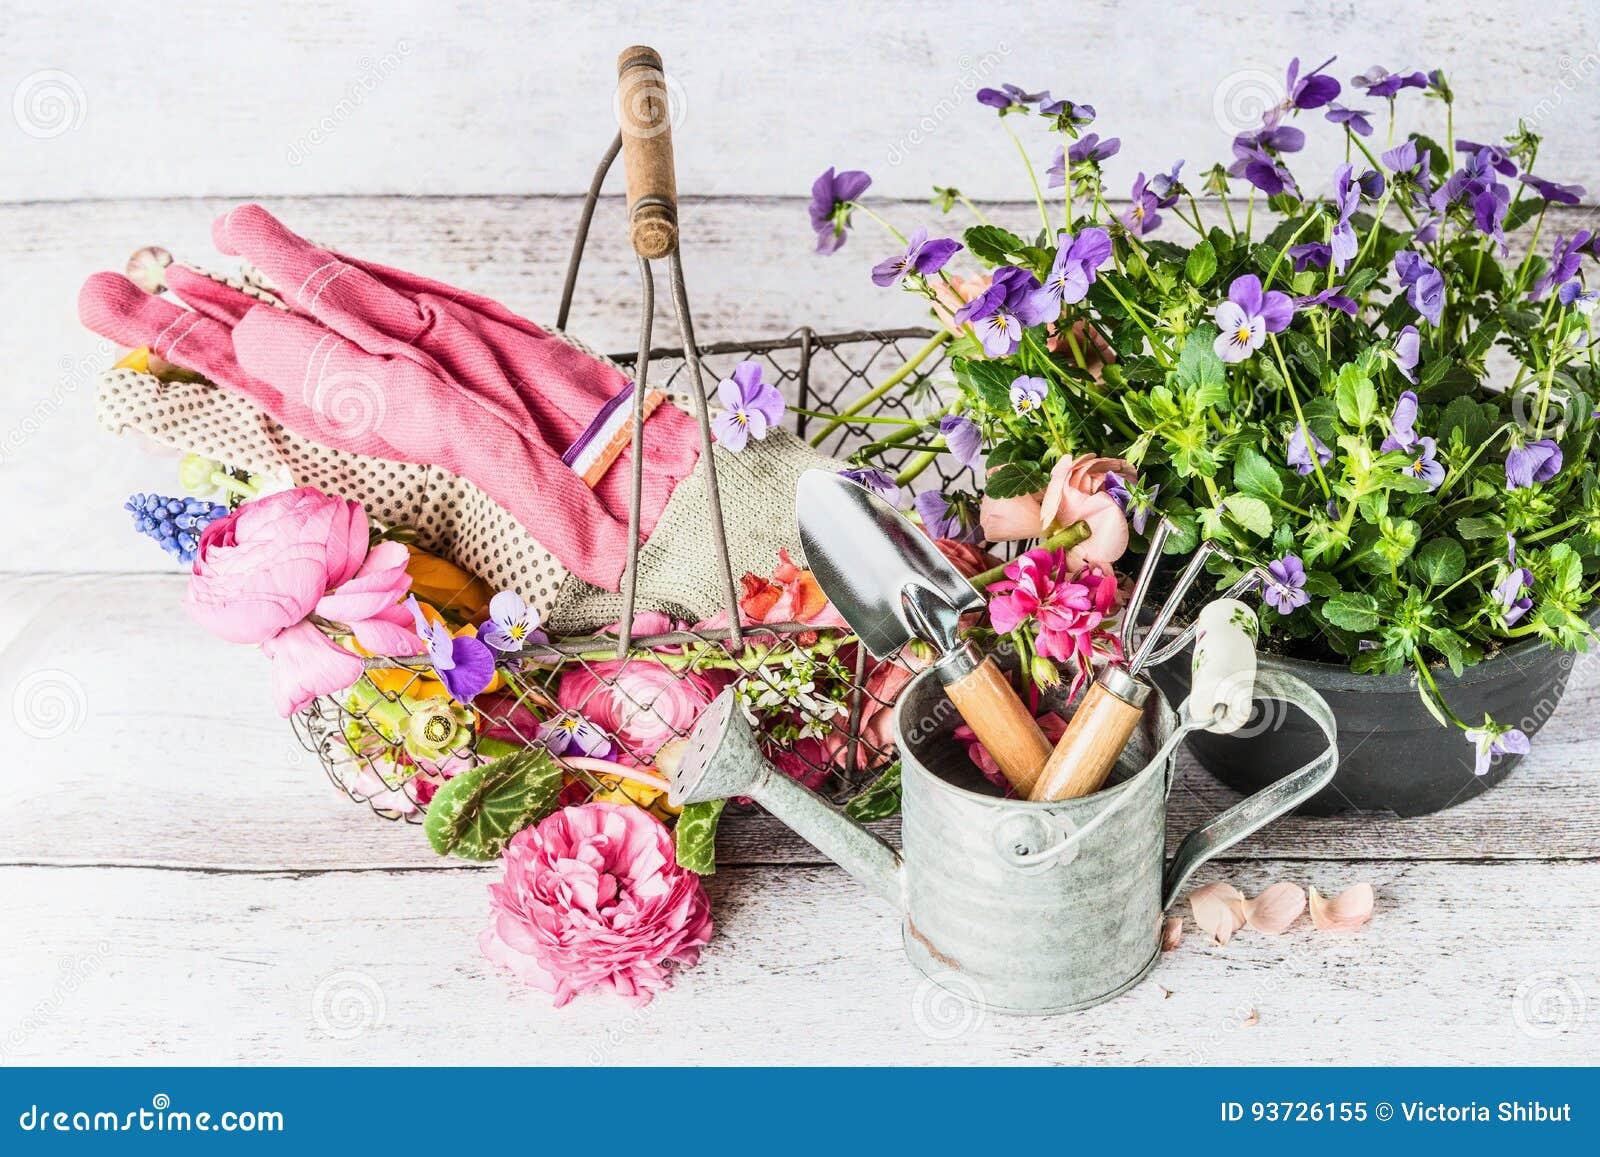 outils de jardin avec la boîte, le panier et les fleurs d'arrosage